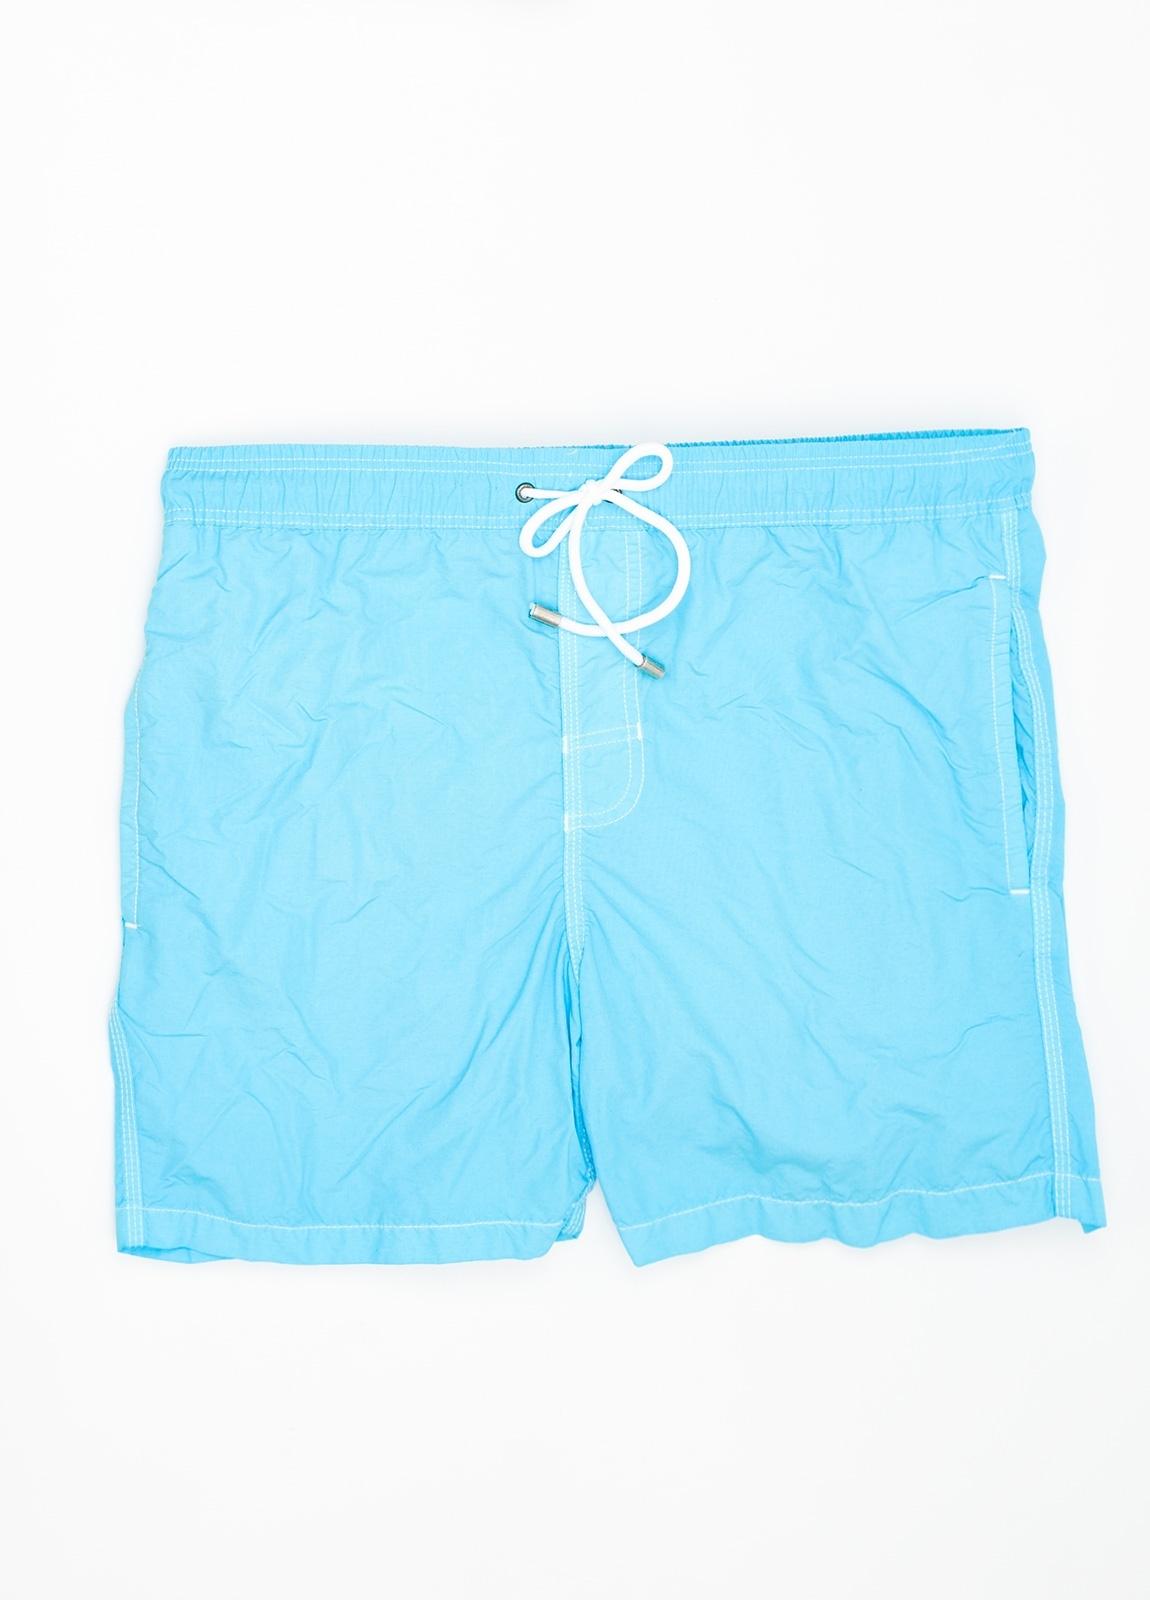 Bañador liso color azul turquesa.